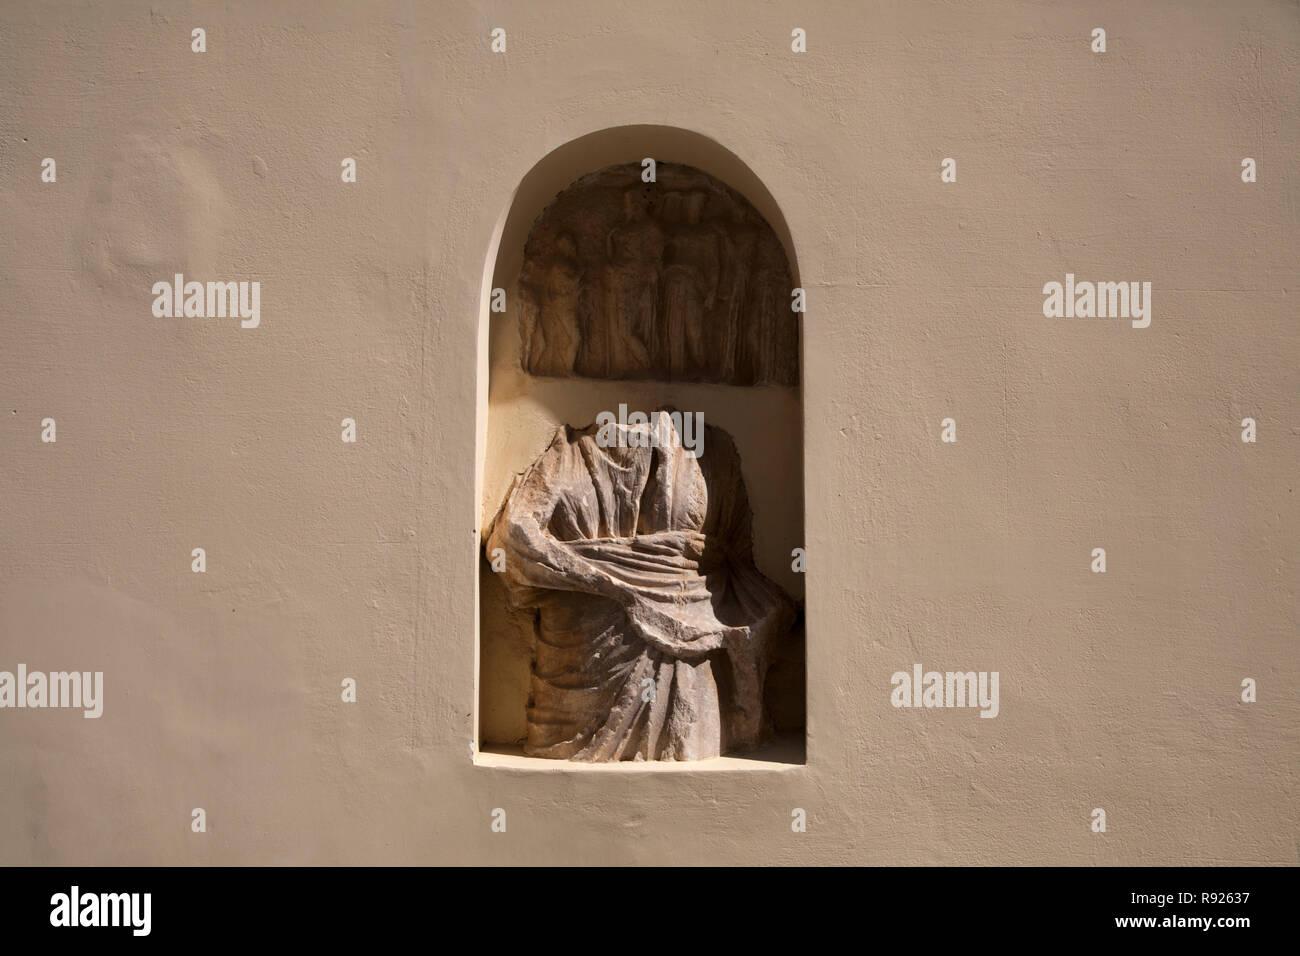 Statue sans tête dans une niche dans l'ancien hôtel de ville ioulidha kea Cyclades Grèce Photo Stock